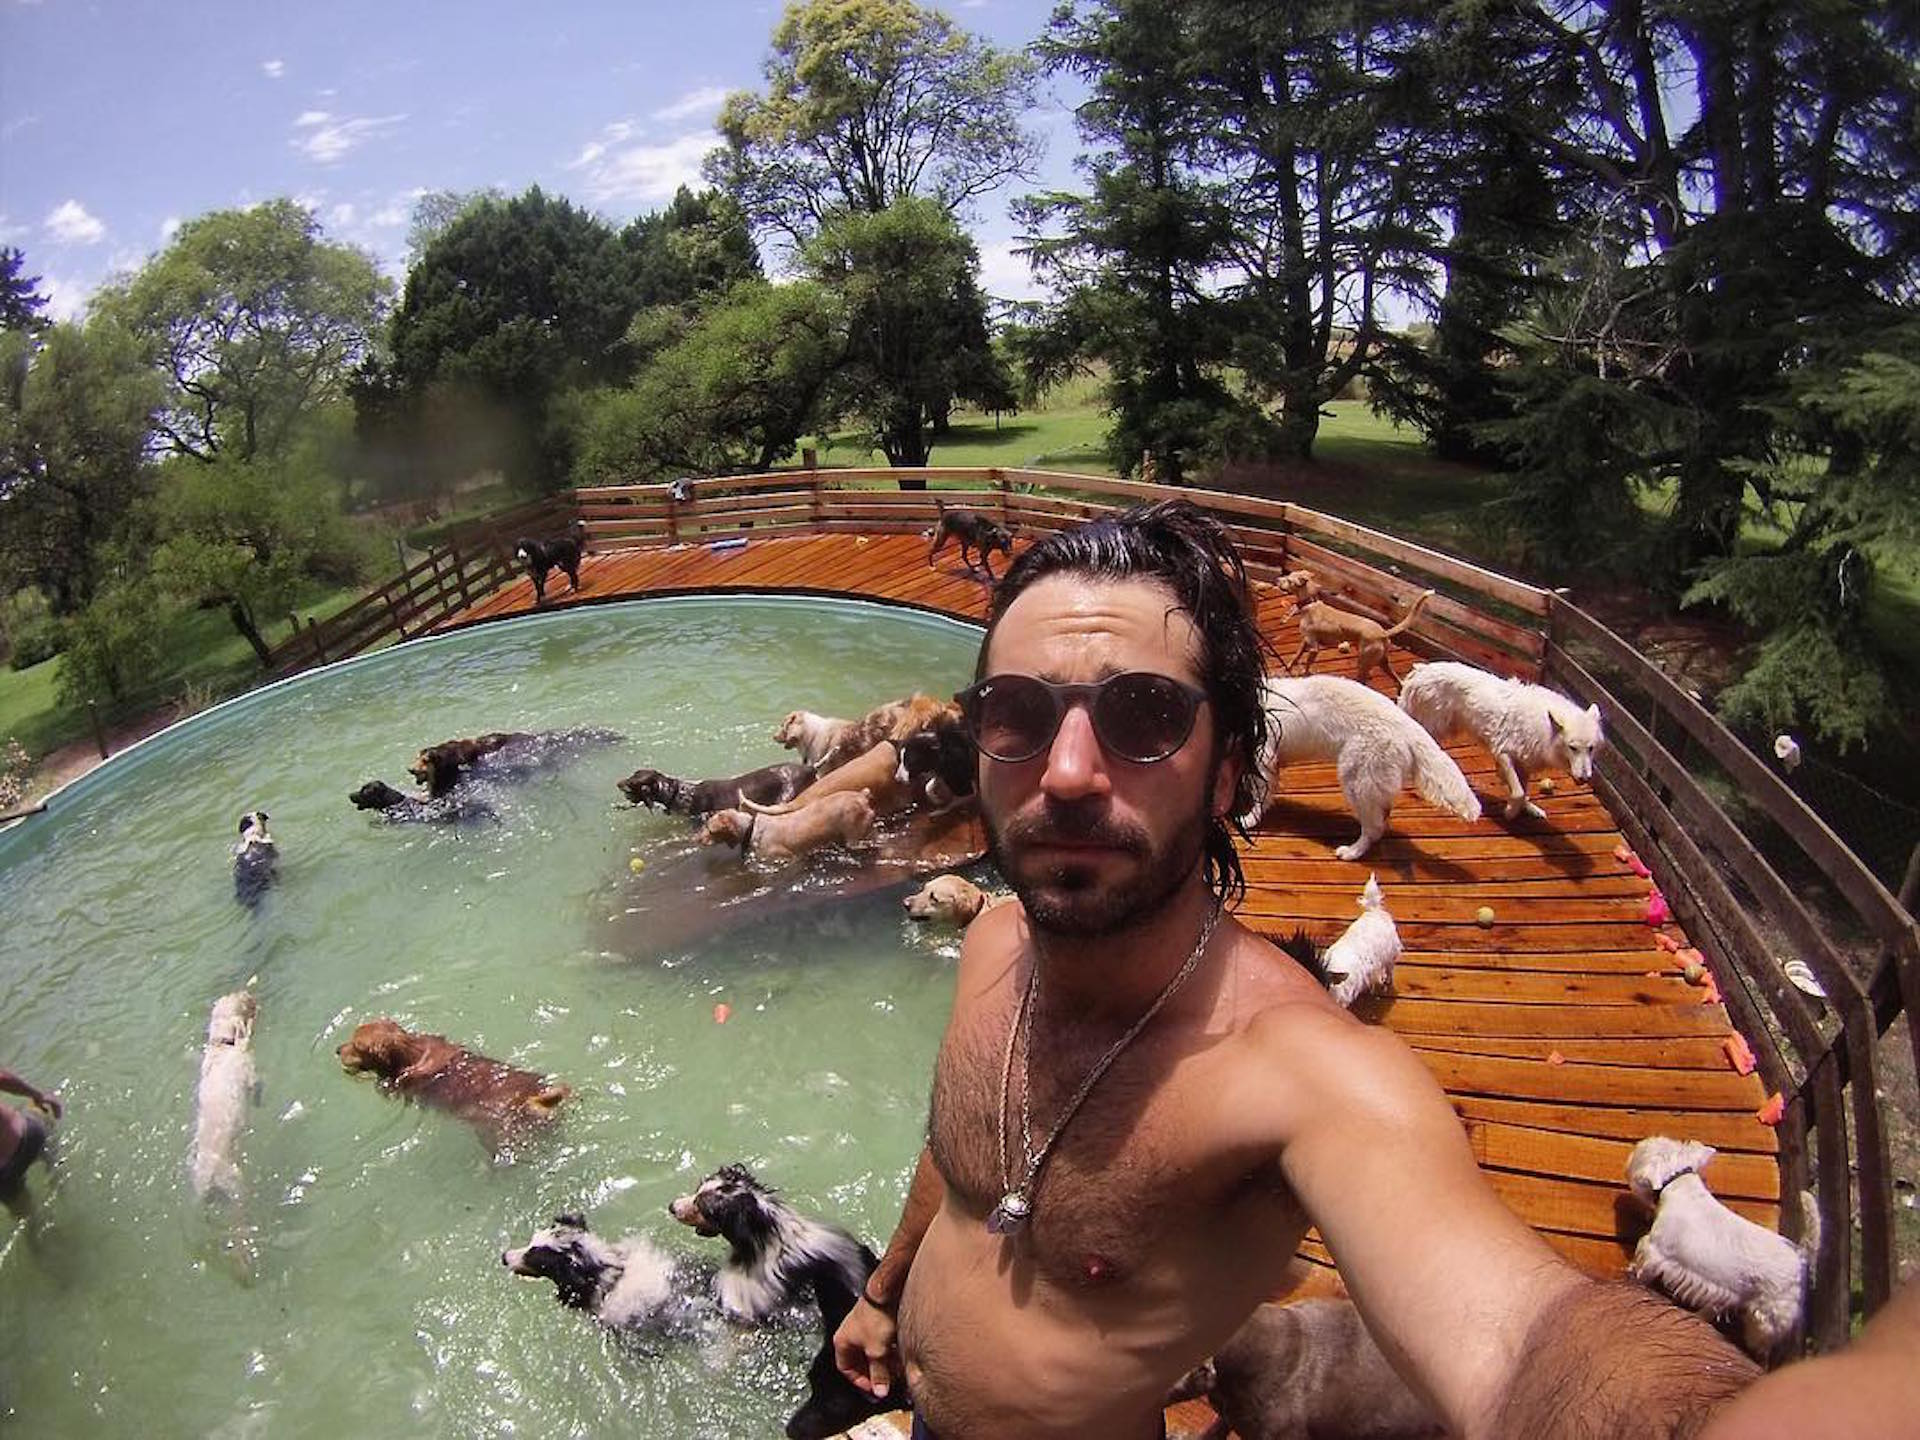 Francisco García Ibar con los perros de su refugio, La manada (Foto Instagram)